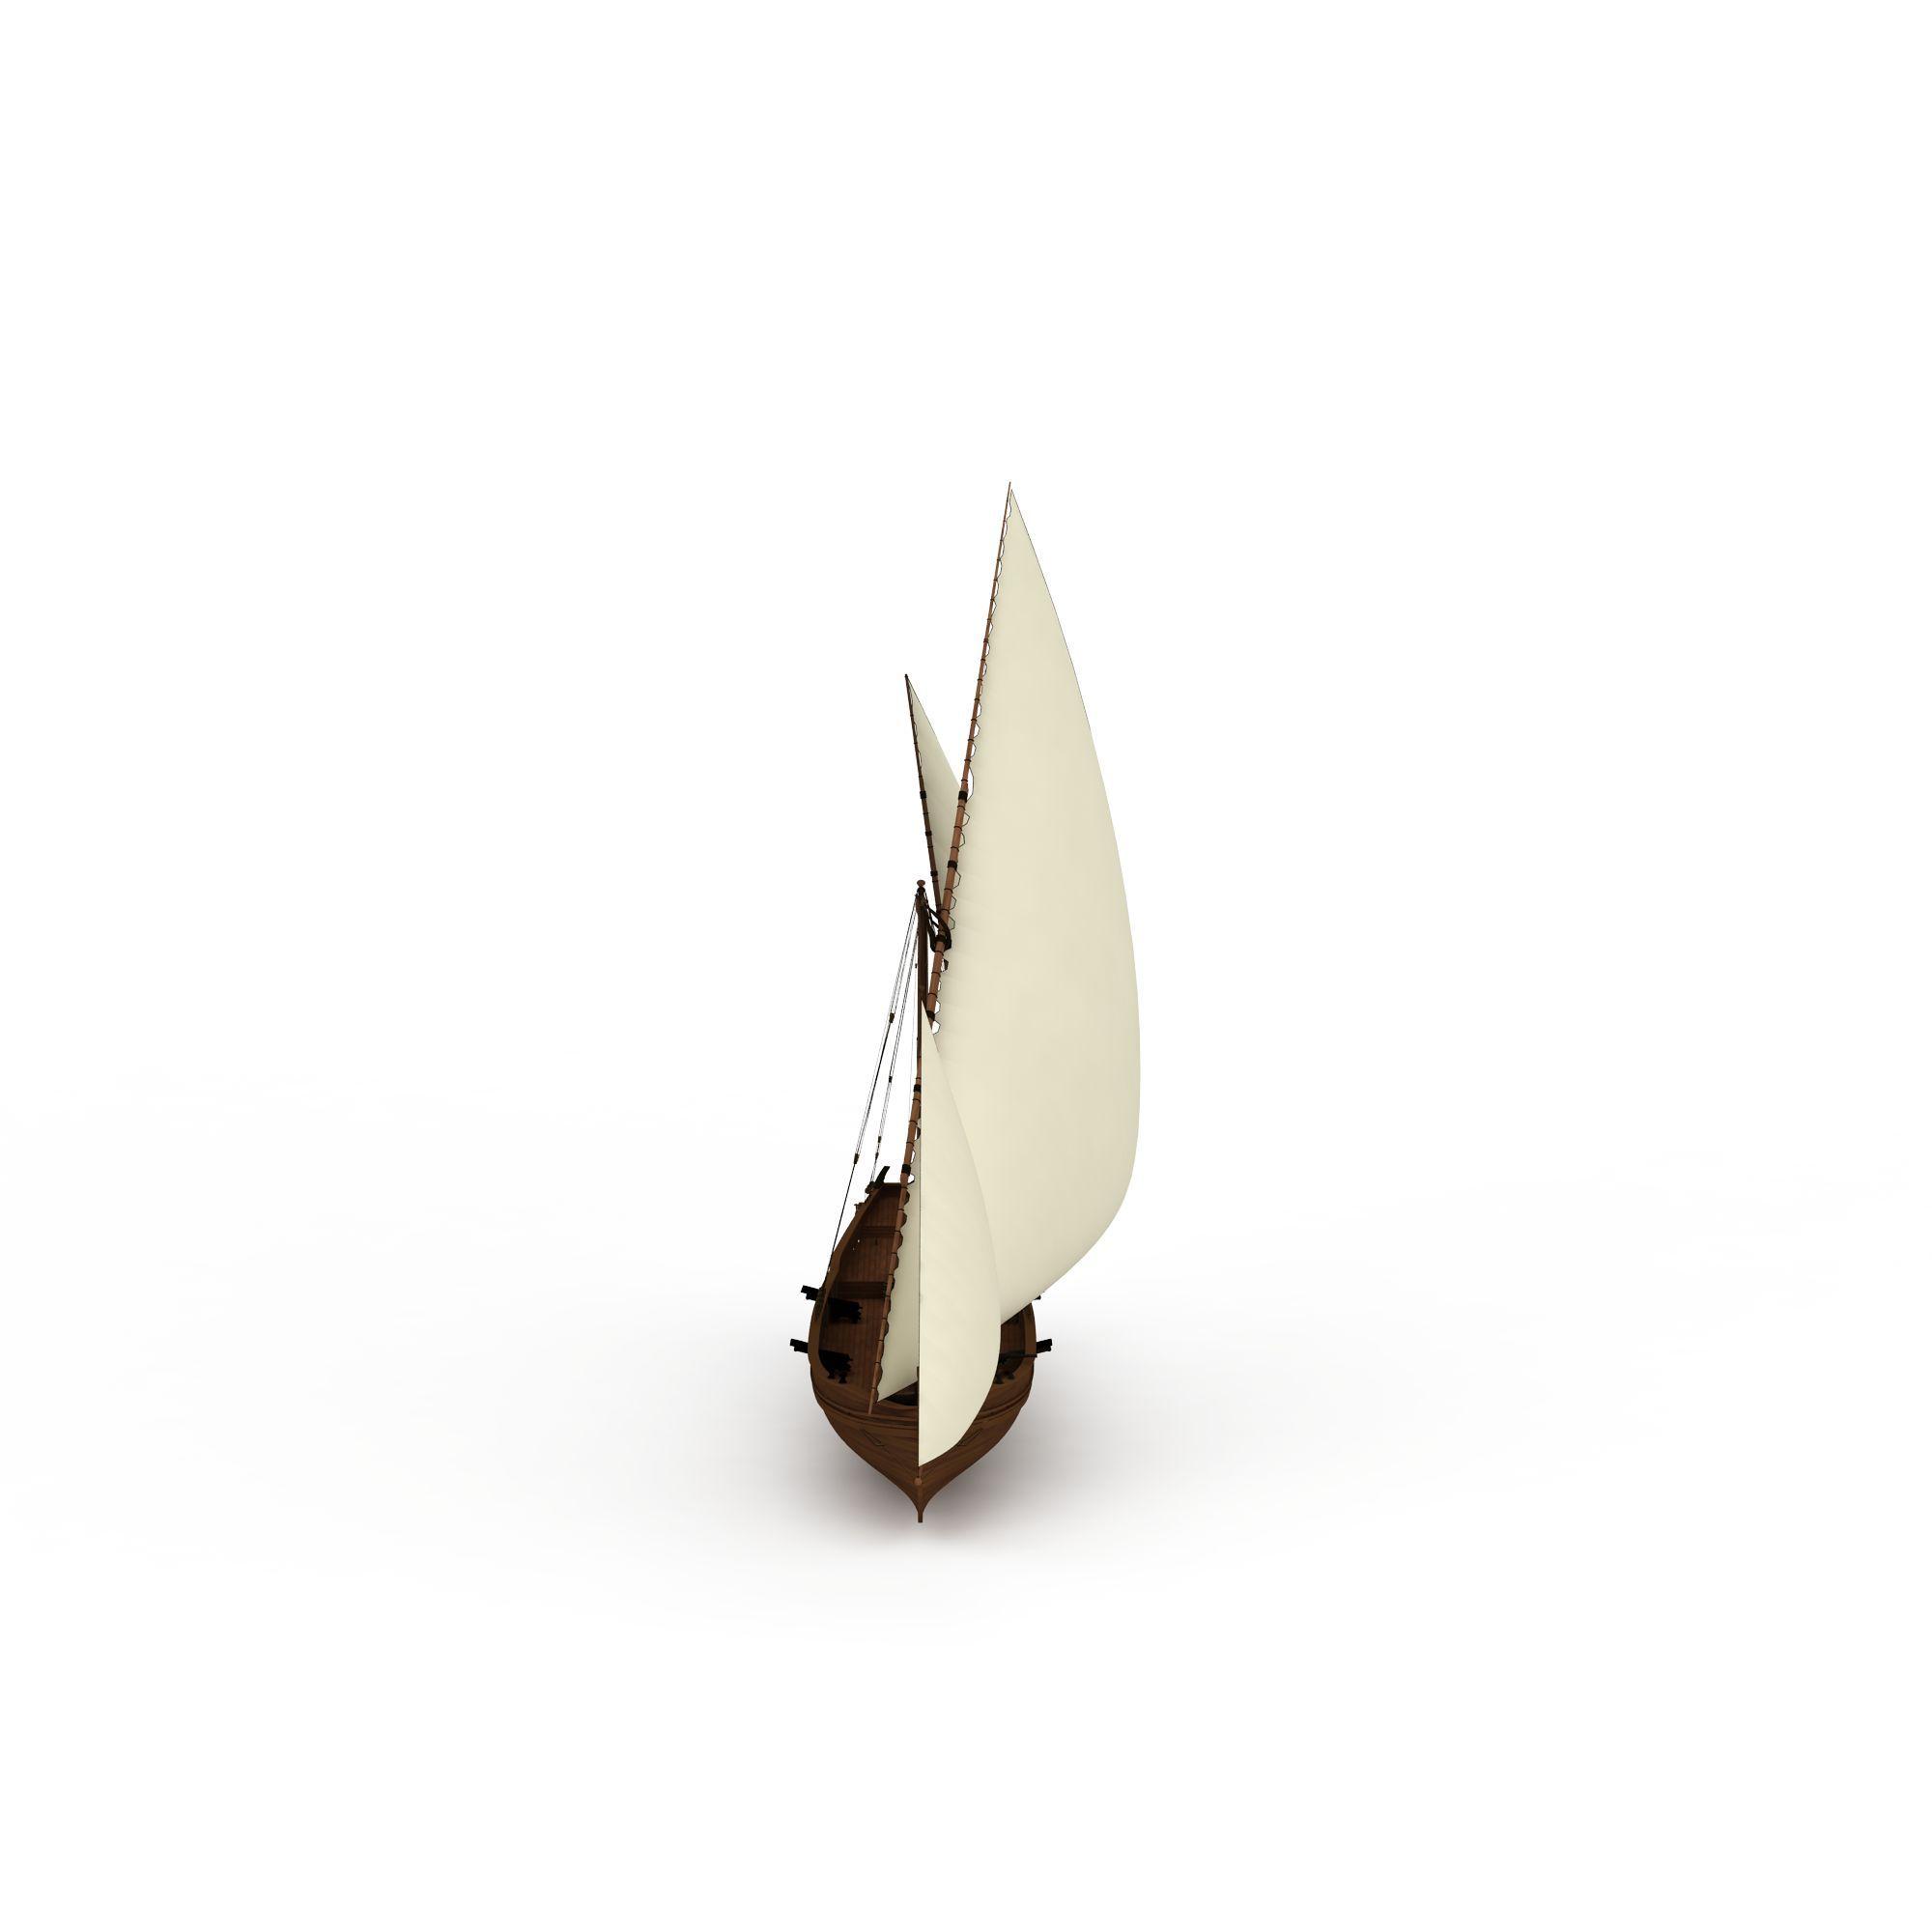 交通工具 船 小帆船3d模型 小帆船png高清图  小帆船高清图详情 设计